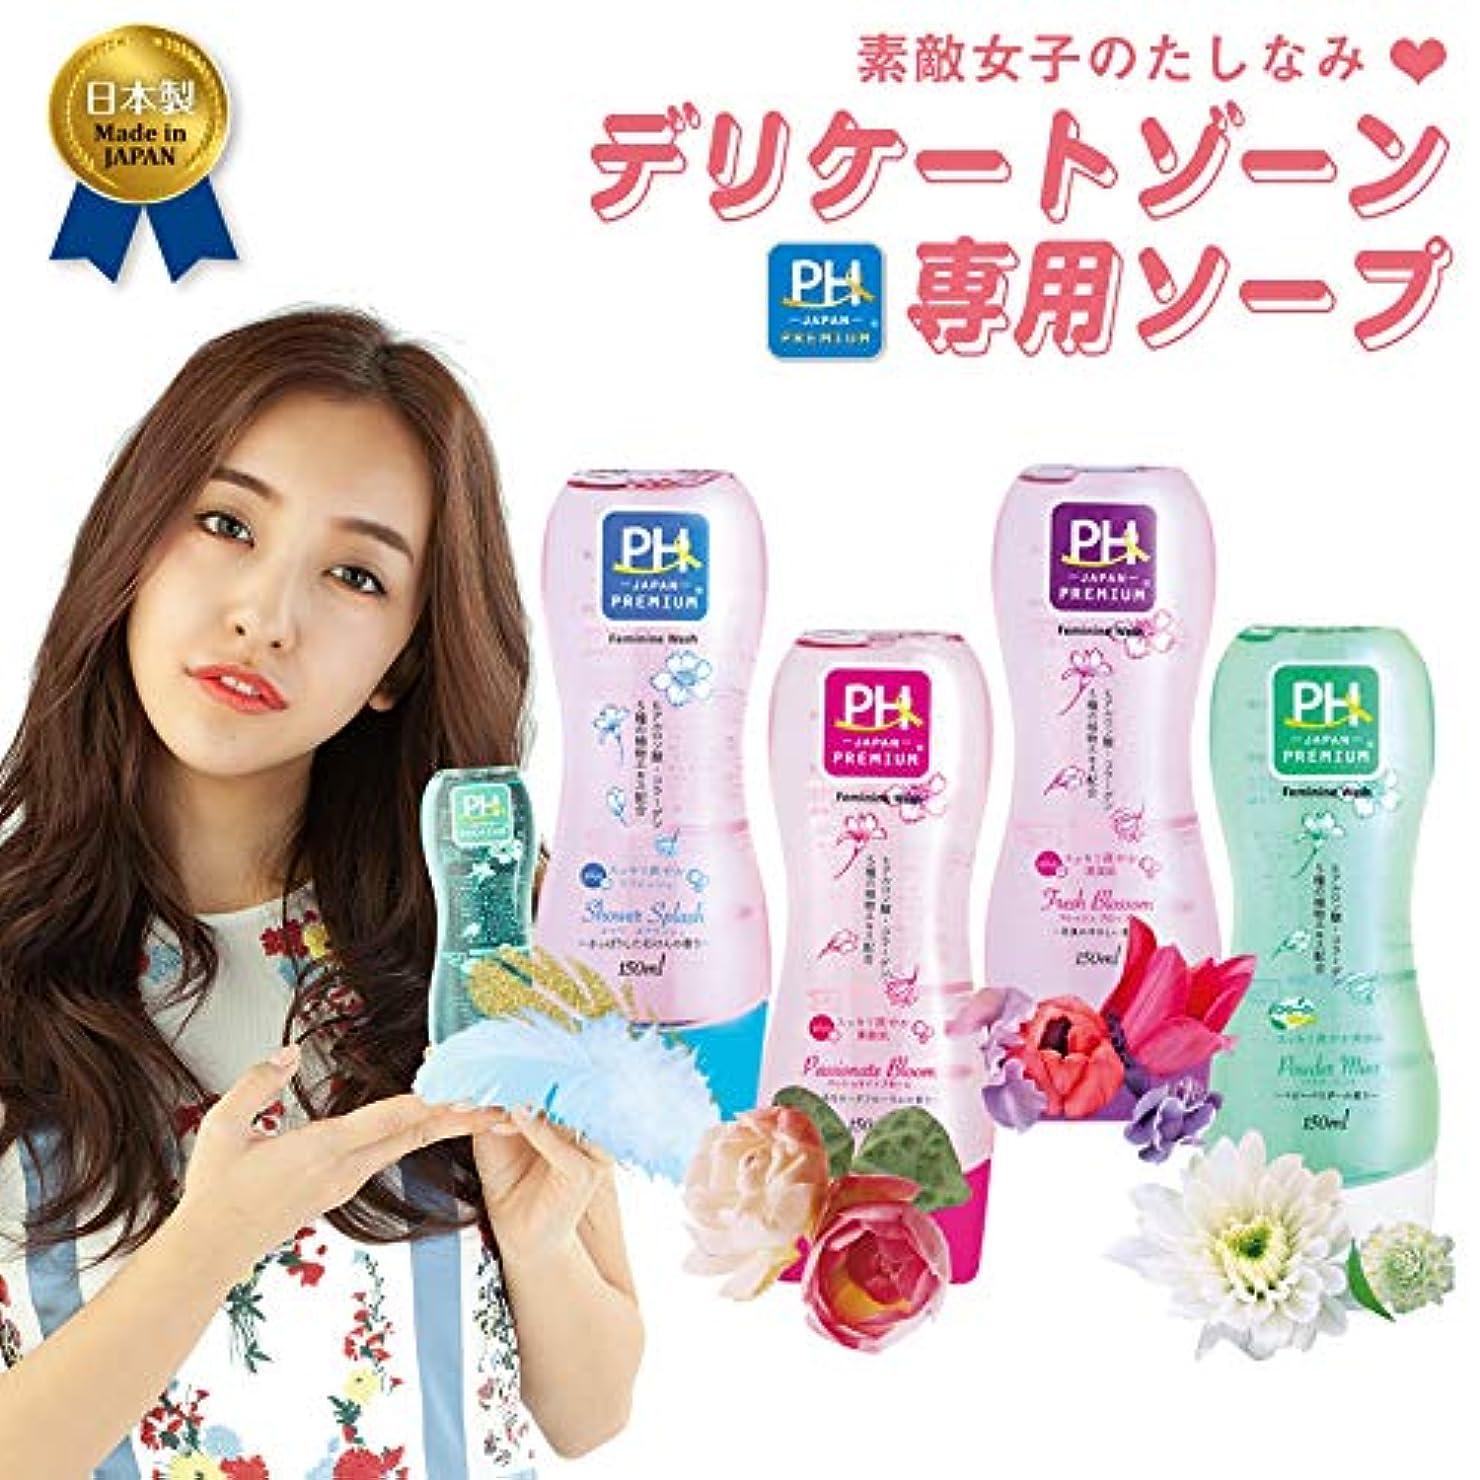 サイレンバナーましいフレッシュブロッソム4本セット PH JAPAN フェミニンウォッシュ 花束のやさしい香り